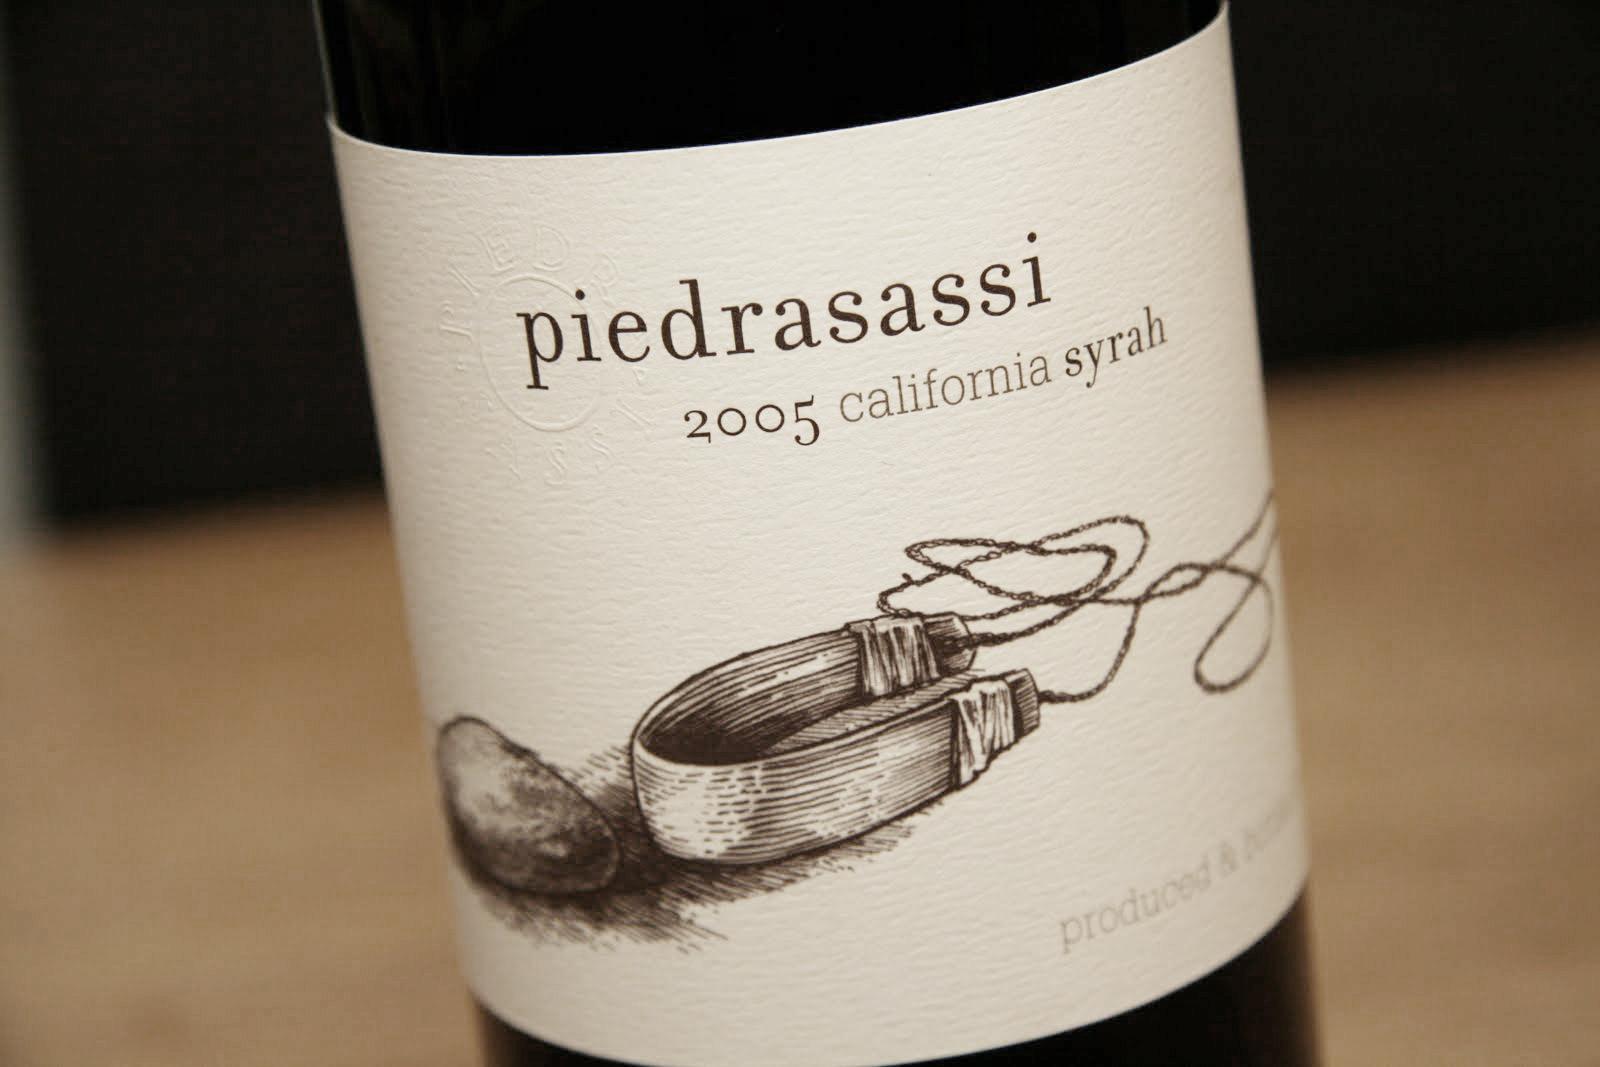 Piedrasassis vin 01.JPG